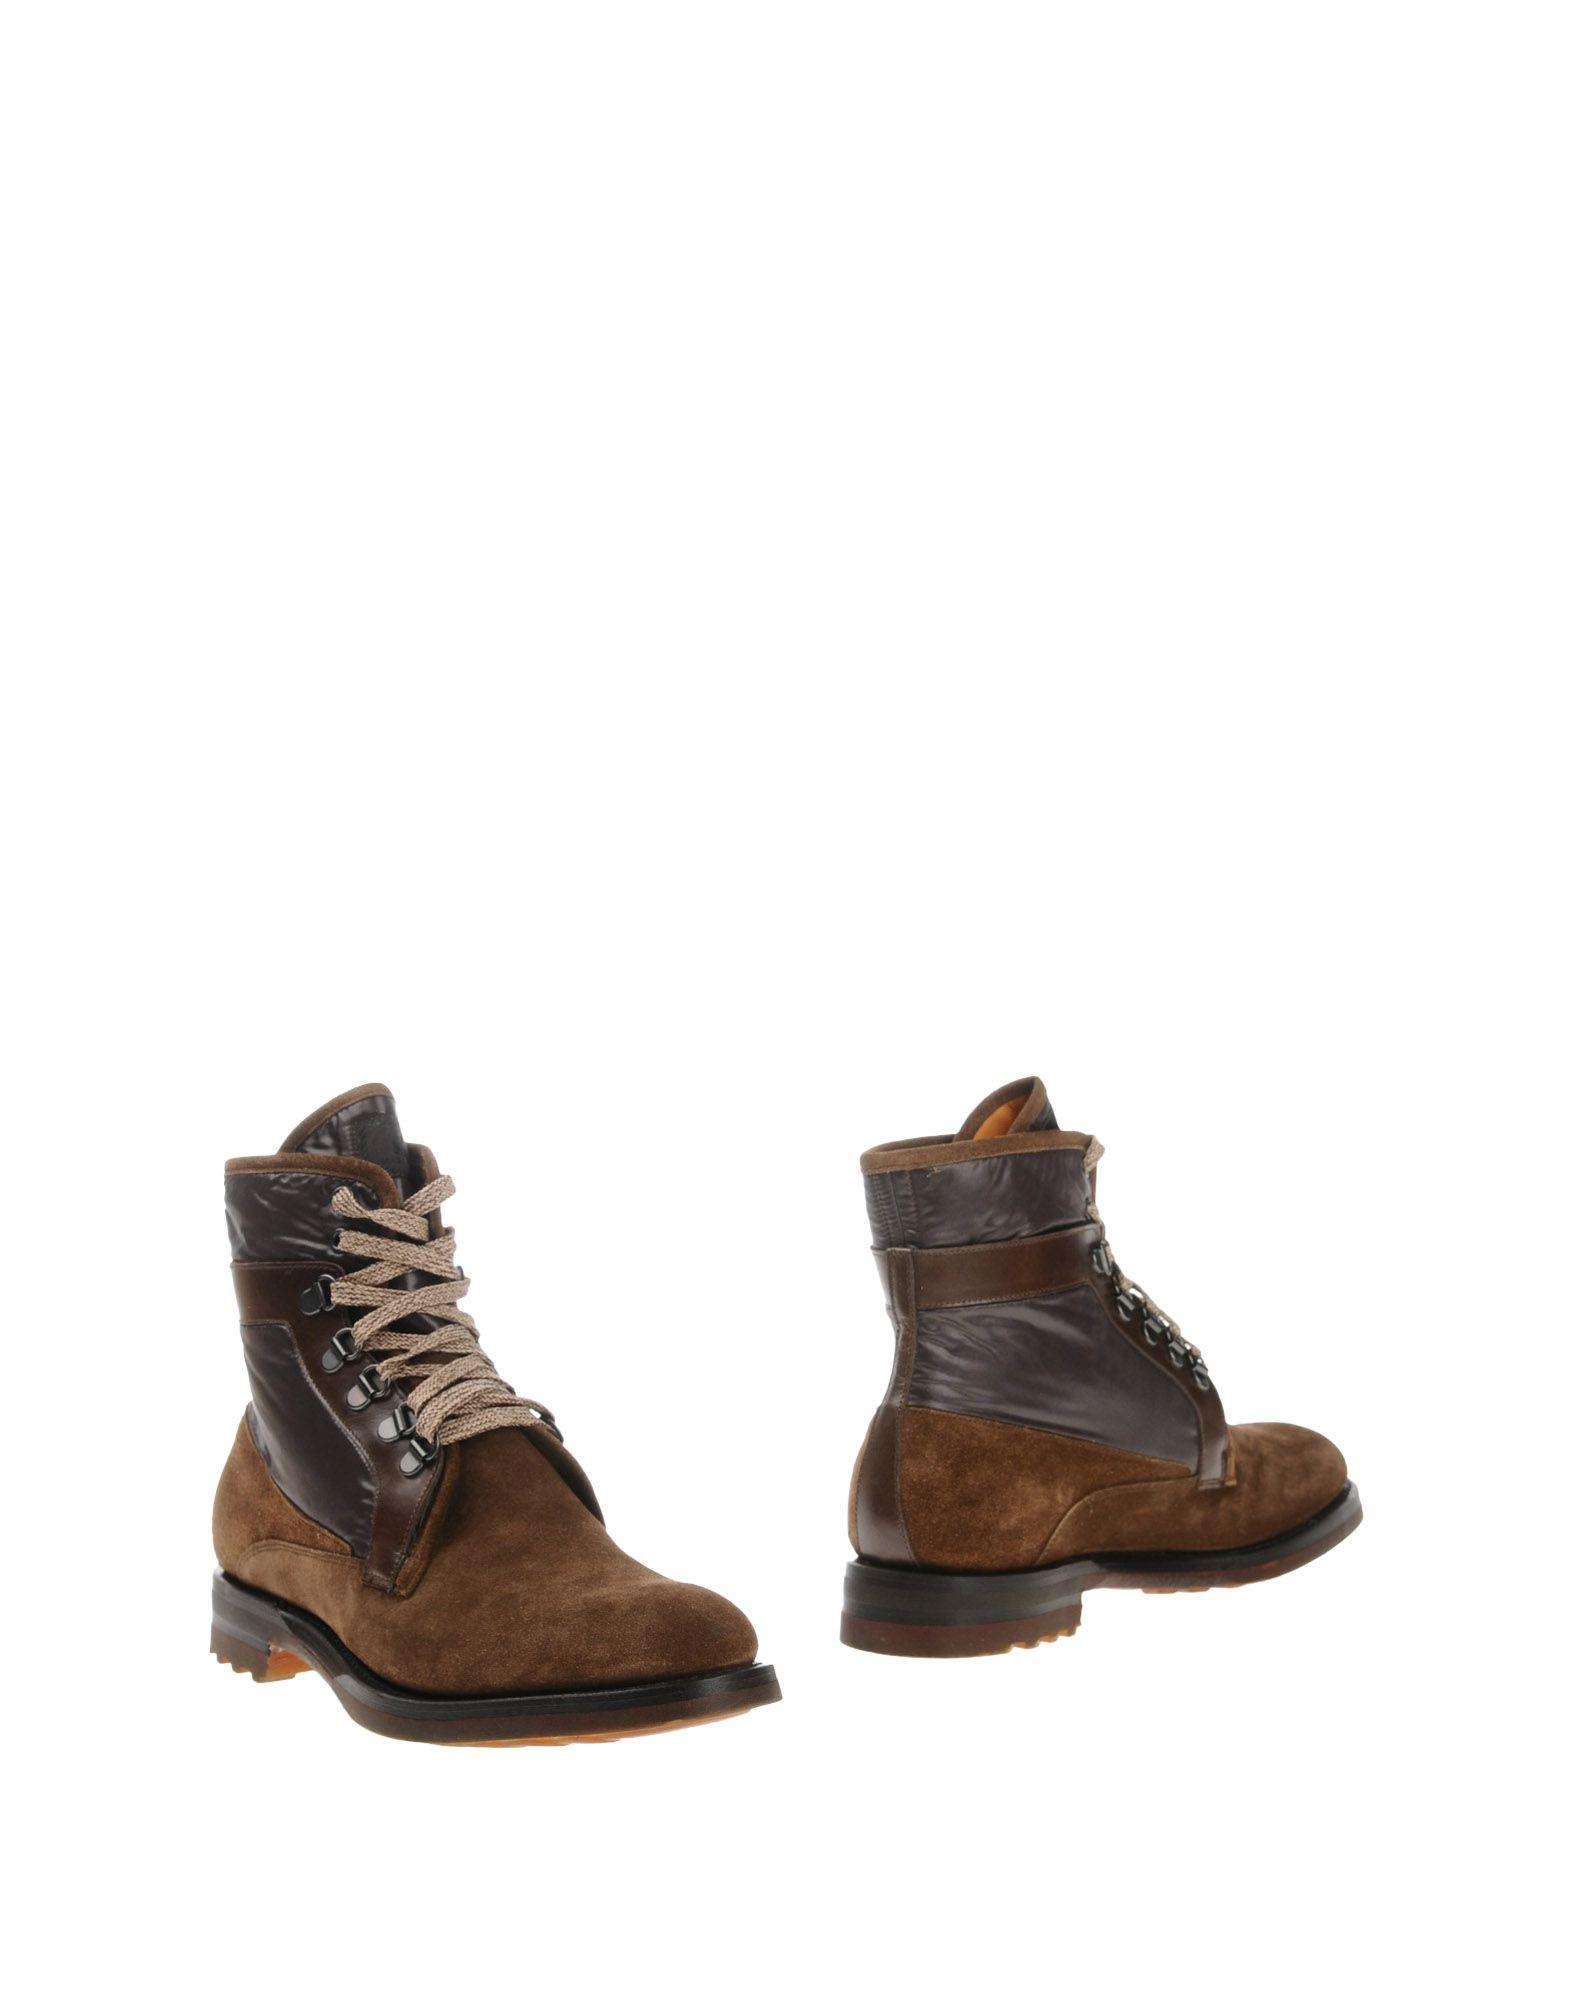 Fabi Stiefelette Herren  11391008MJ Gute Qualität beliebte Schuhe